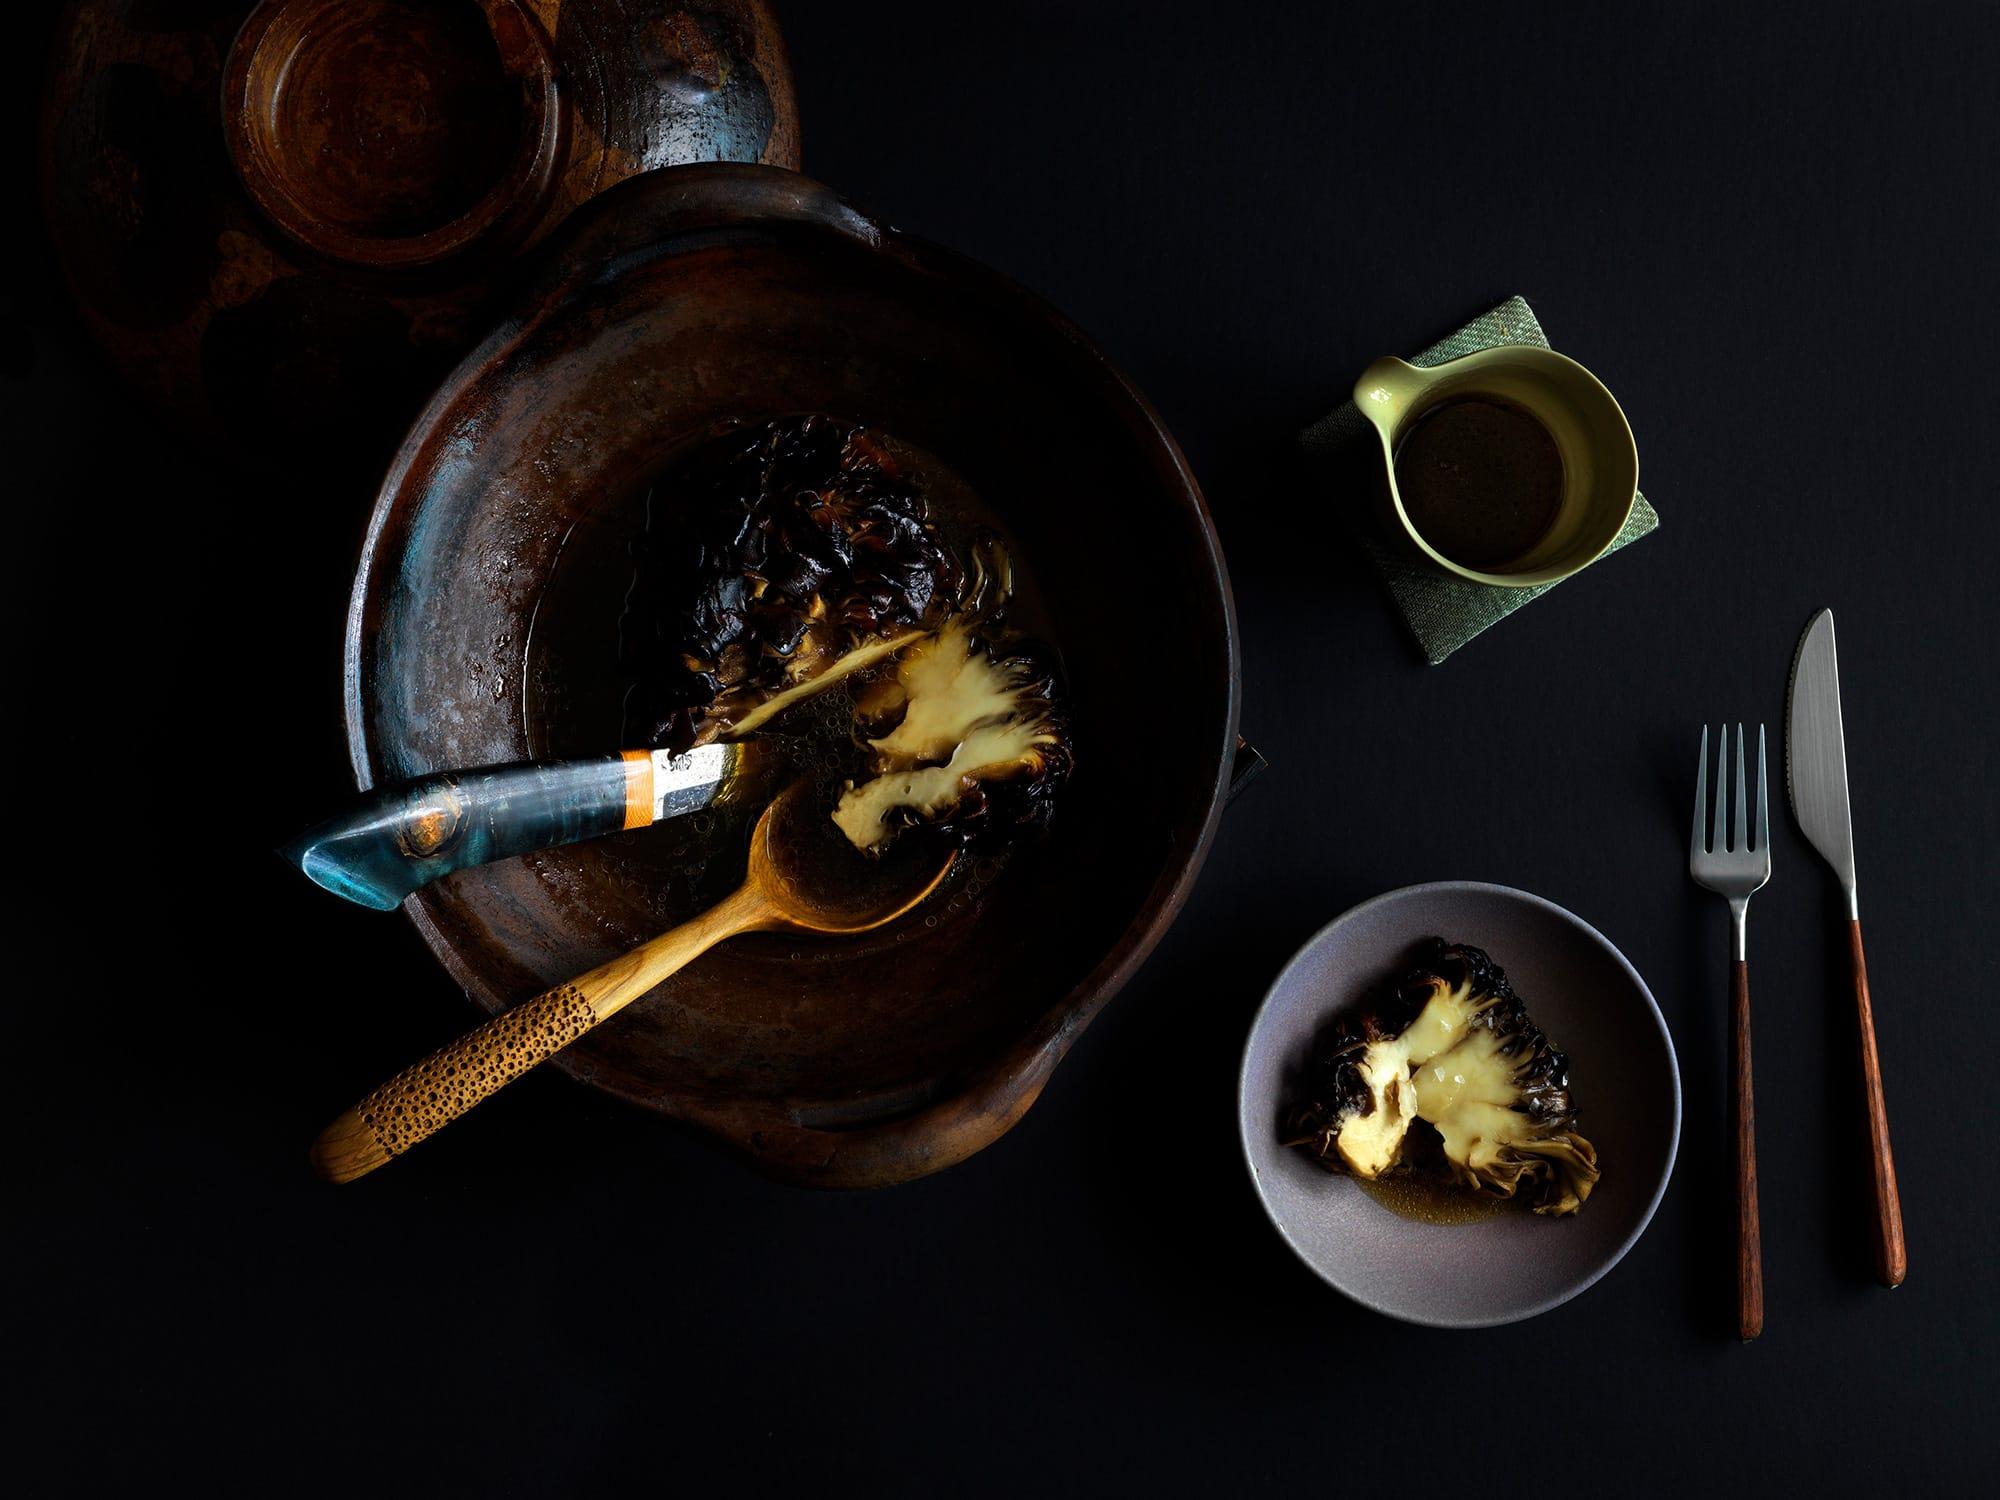 熟成・燻製した舞茸。シンプルな出来上がりだが、4種の調味料(米麹オイル、味噌ウォーター、昆布だし、松のだし)を用い約8日間を要して完成する一品。Photography Jason Loucas